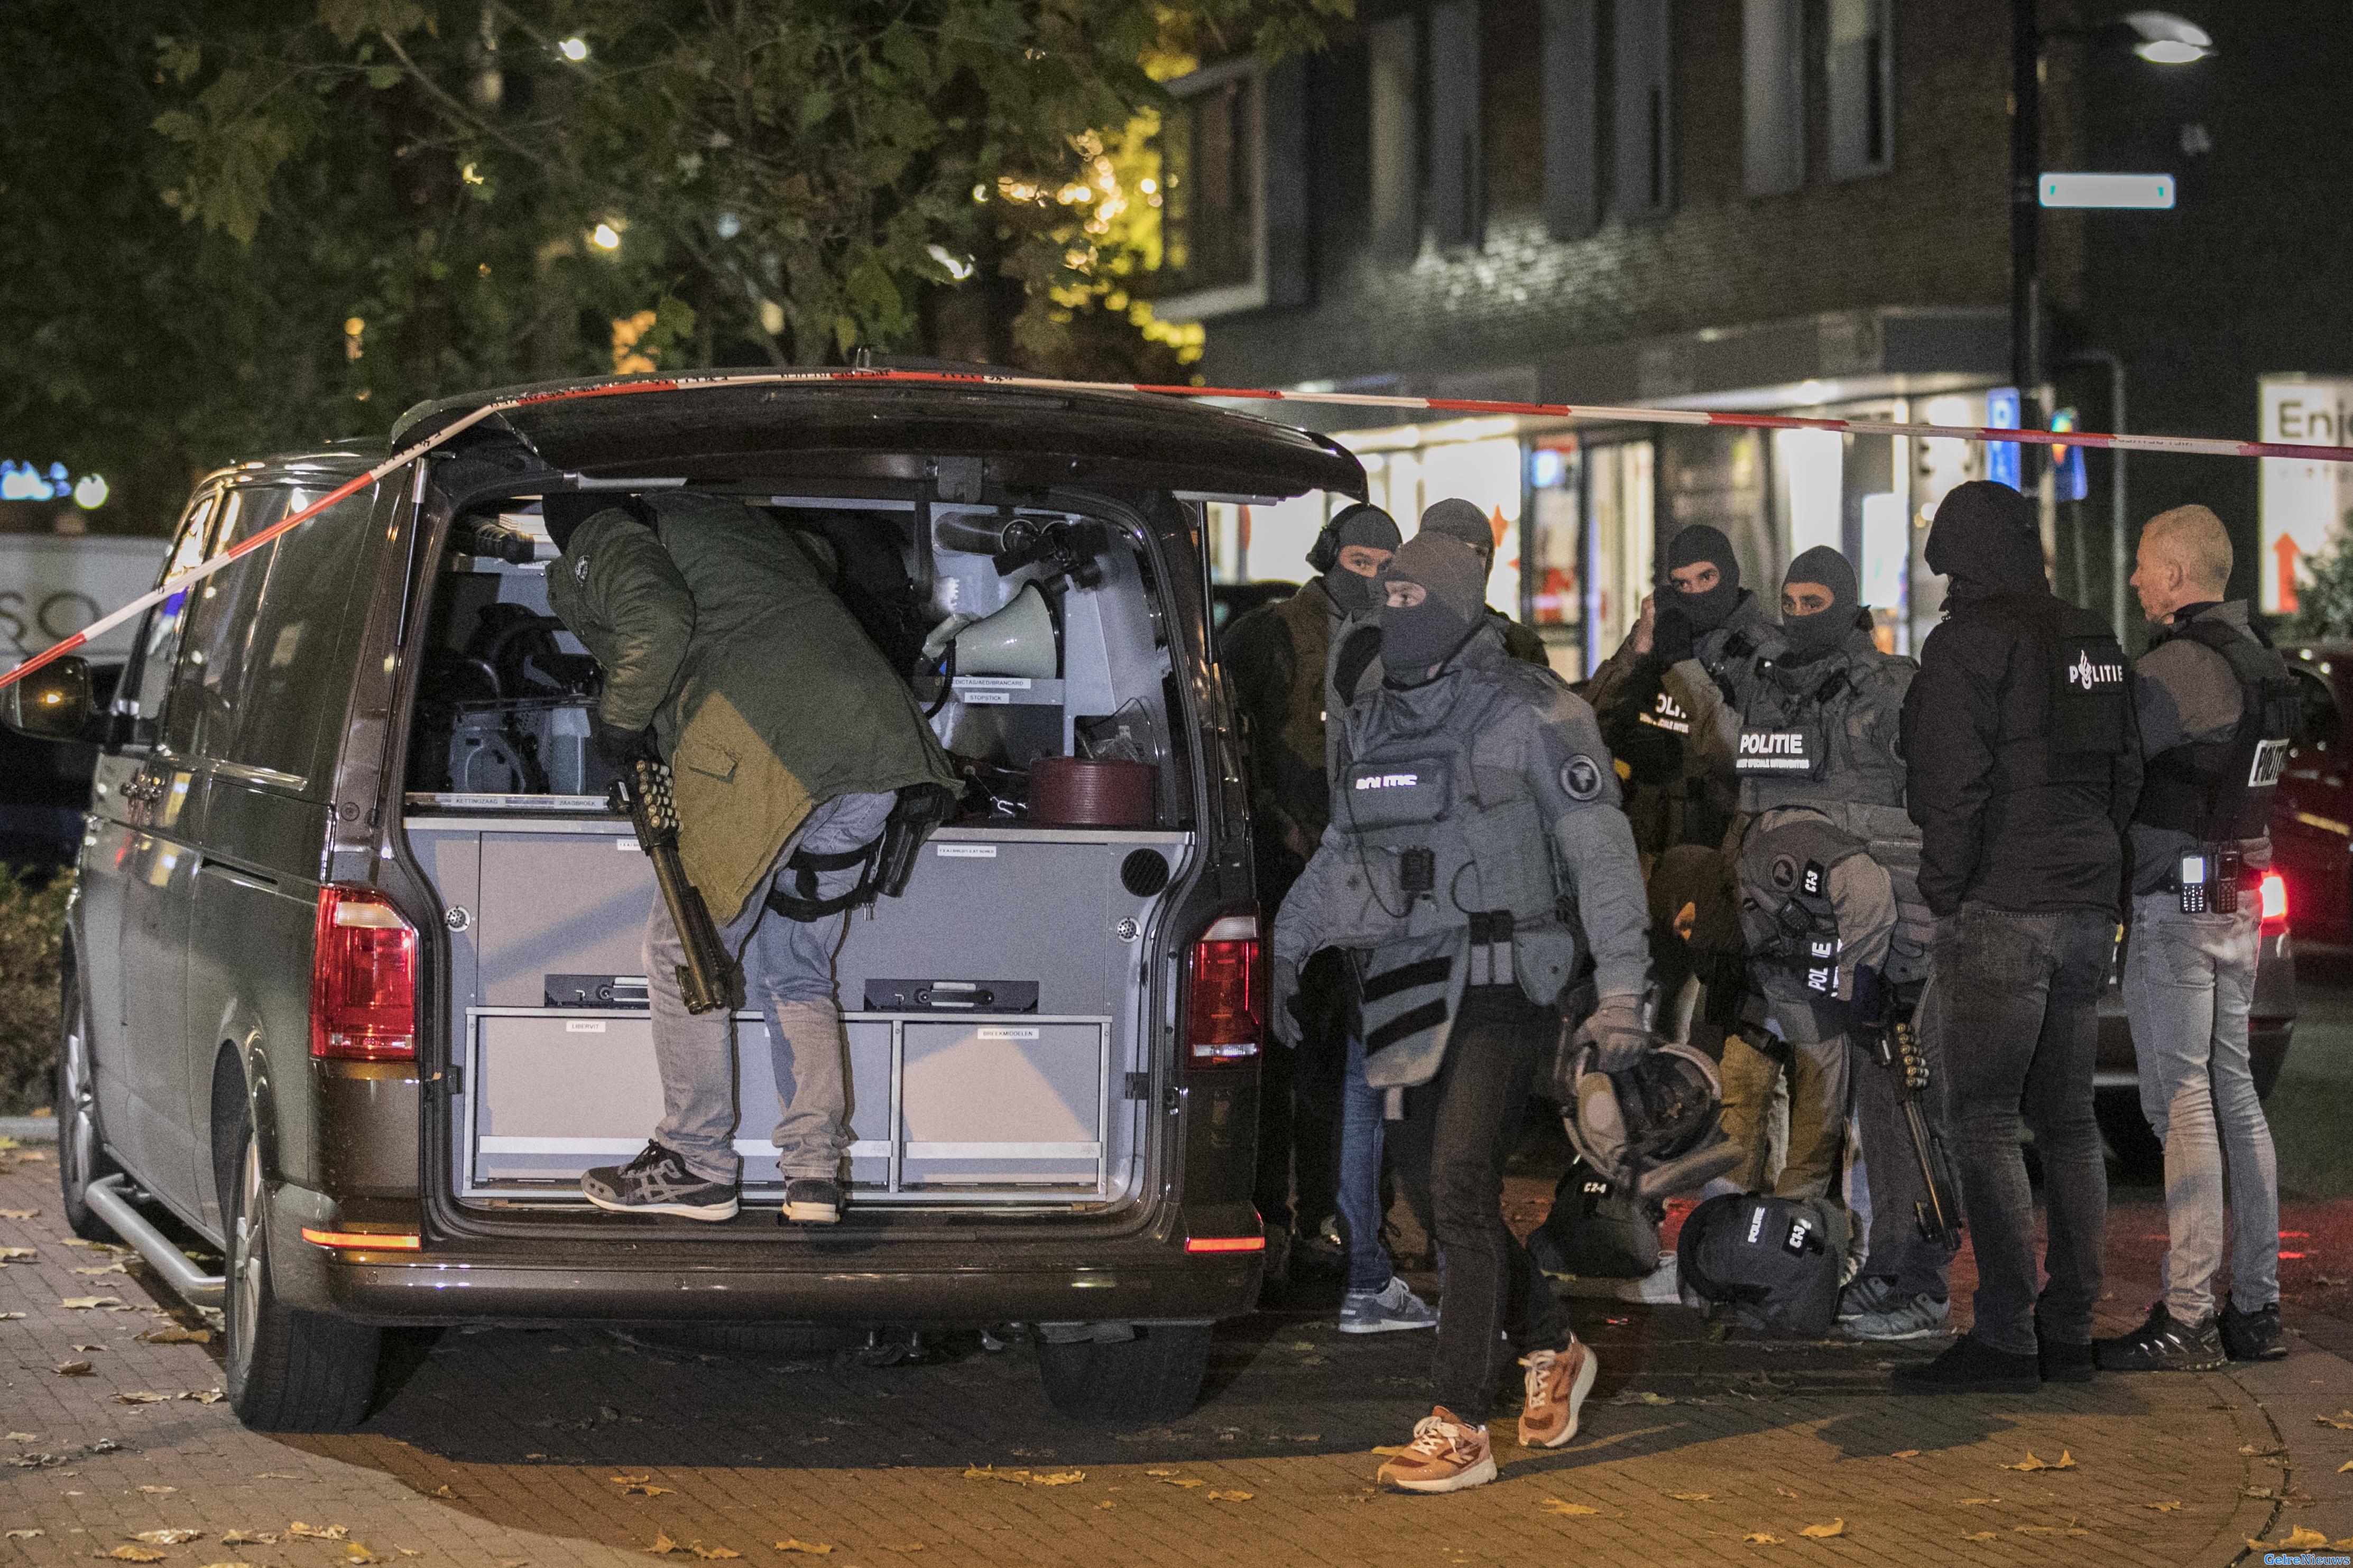 Geen wapen aangetroffen bij man die voor dreiging zorgde in Nijmegen